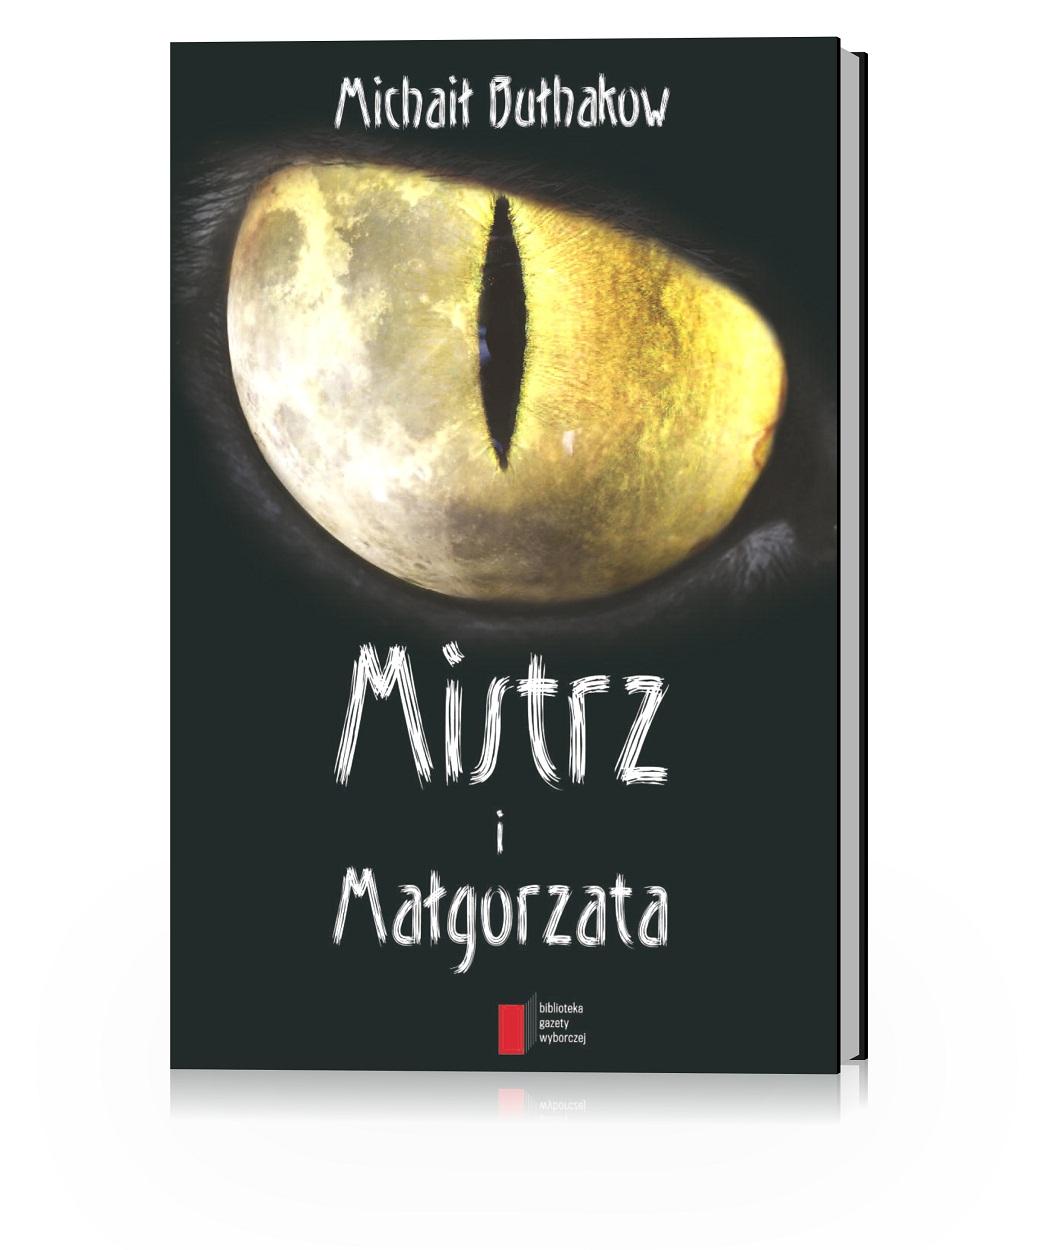 """"""" Mistrz i Małgorzata"""", Michaił Bułhakow, (źródło: materiały prasowe organizatora)"""